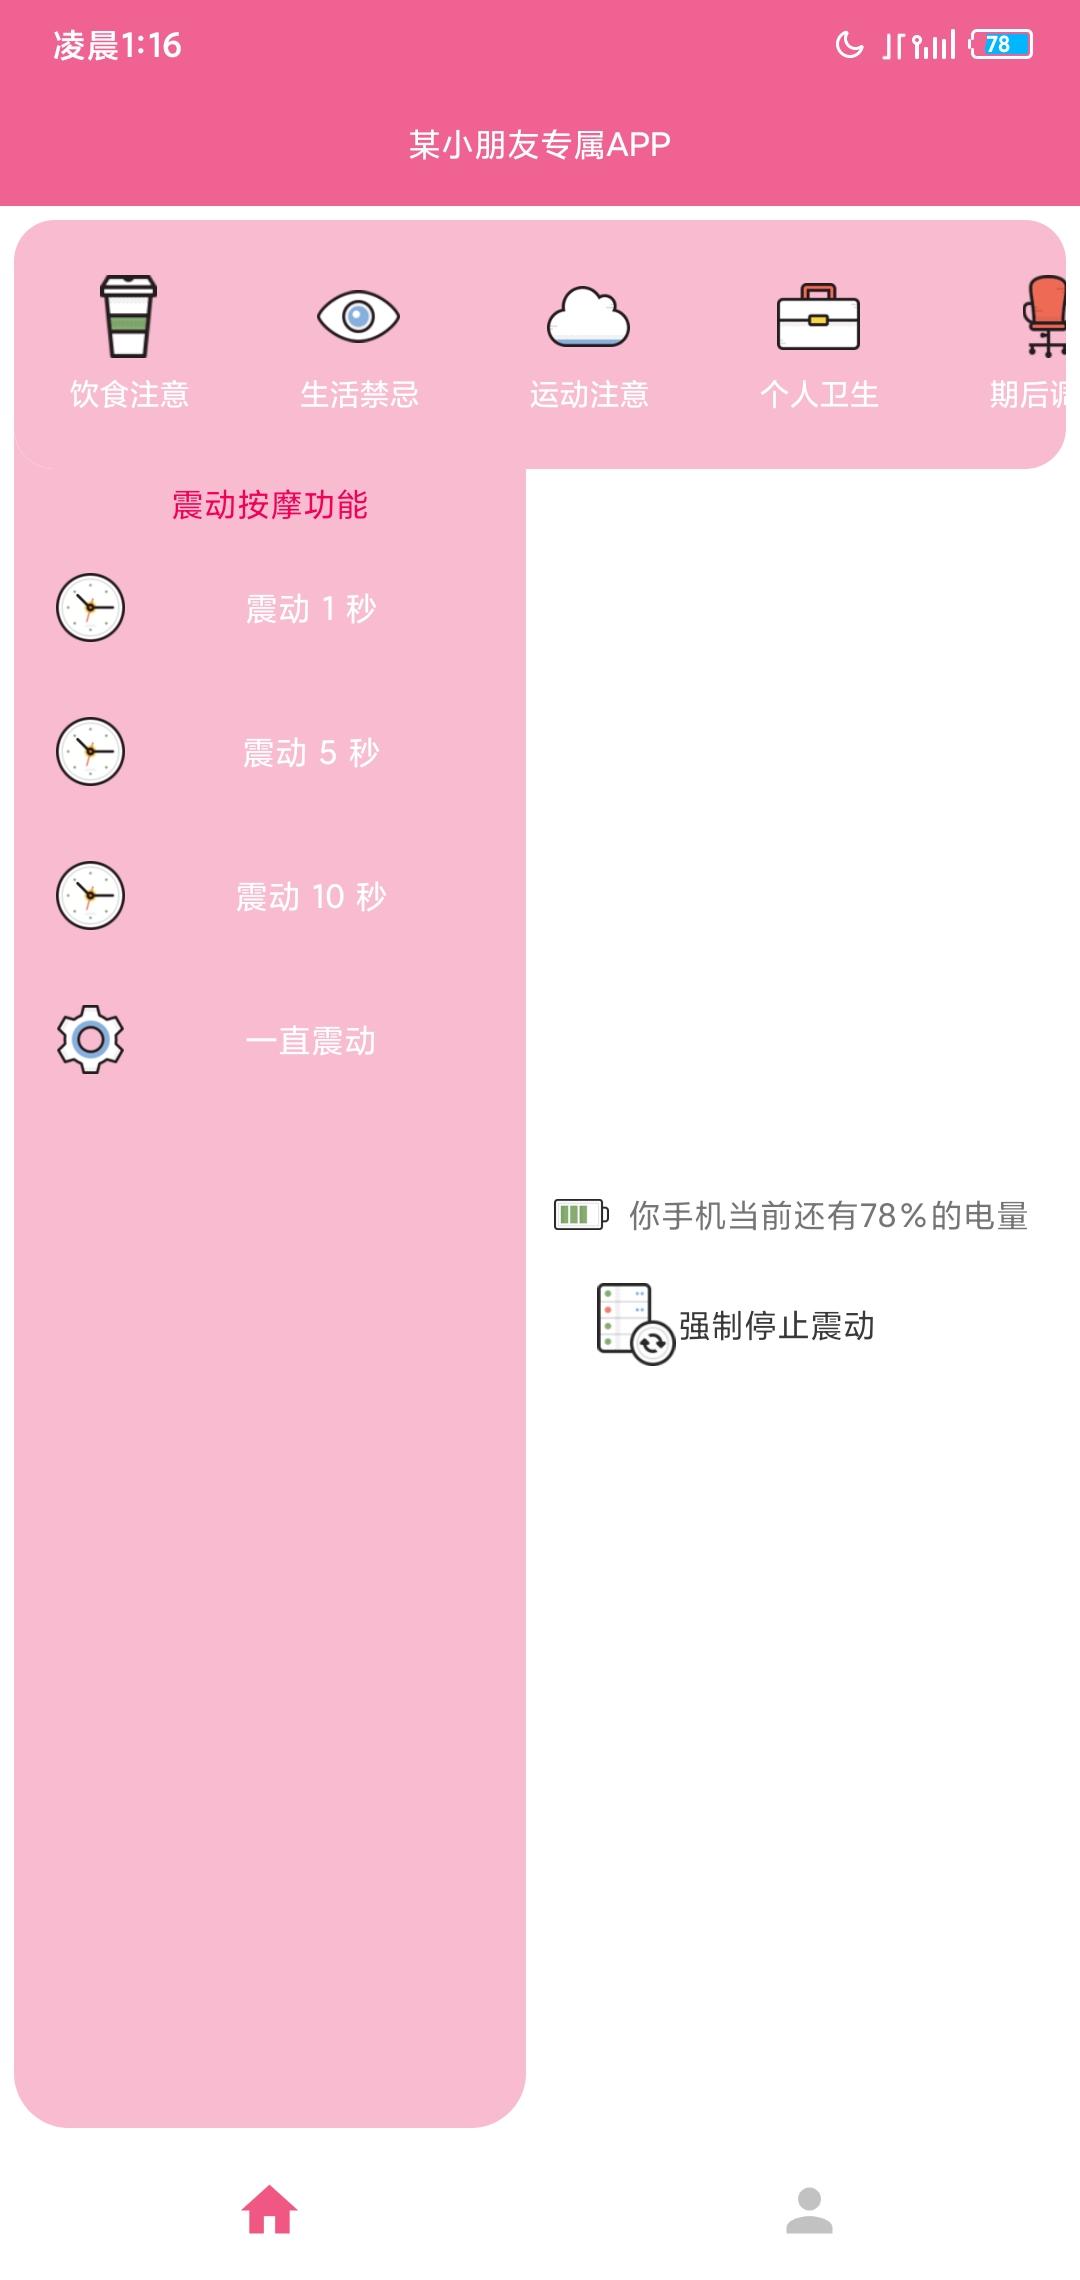 「原创开发」JQ暗恋秘  30502第二代 给女神送殷勤它不香